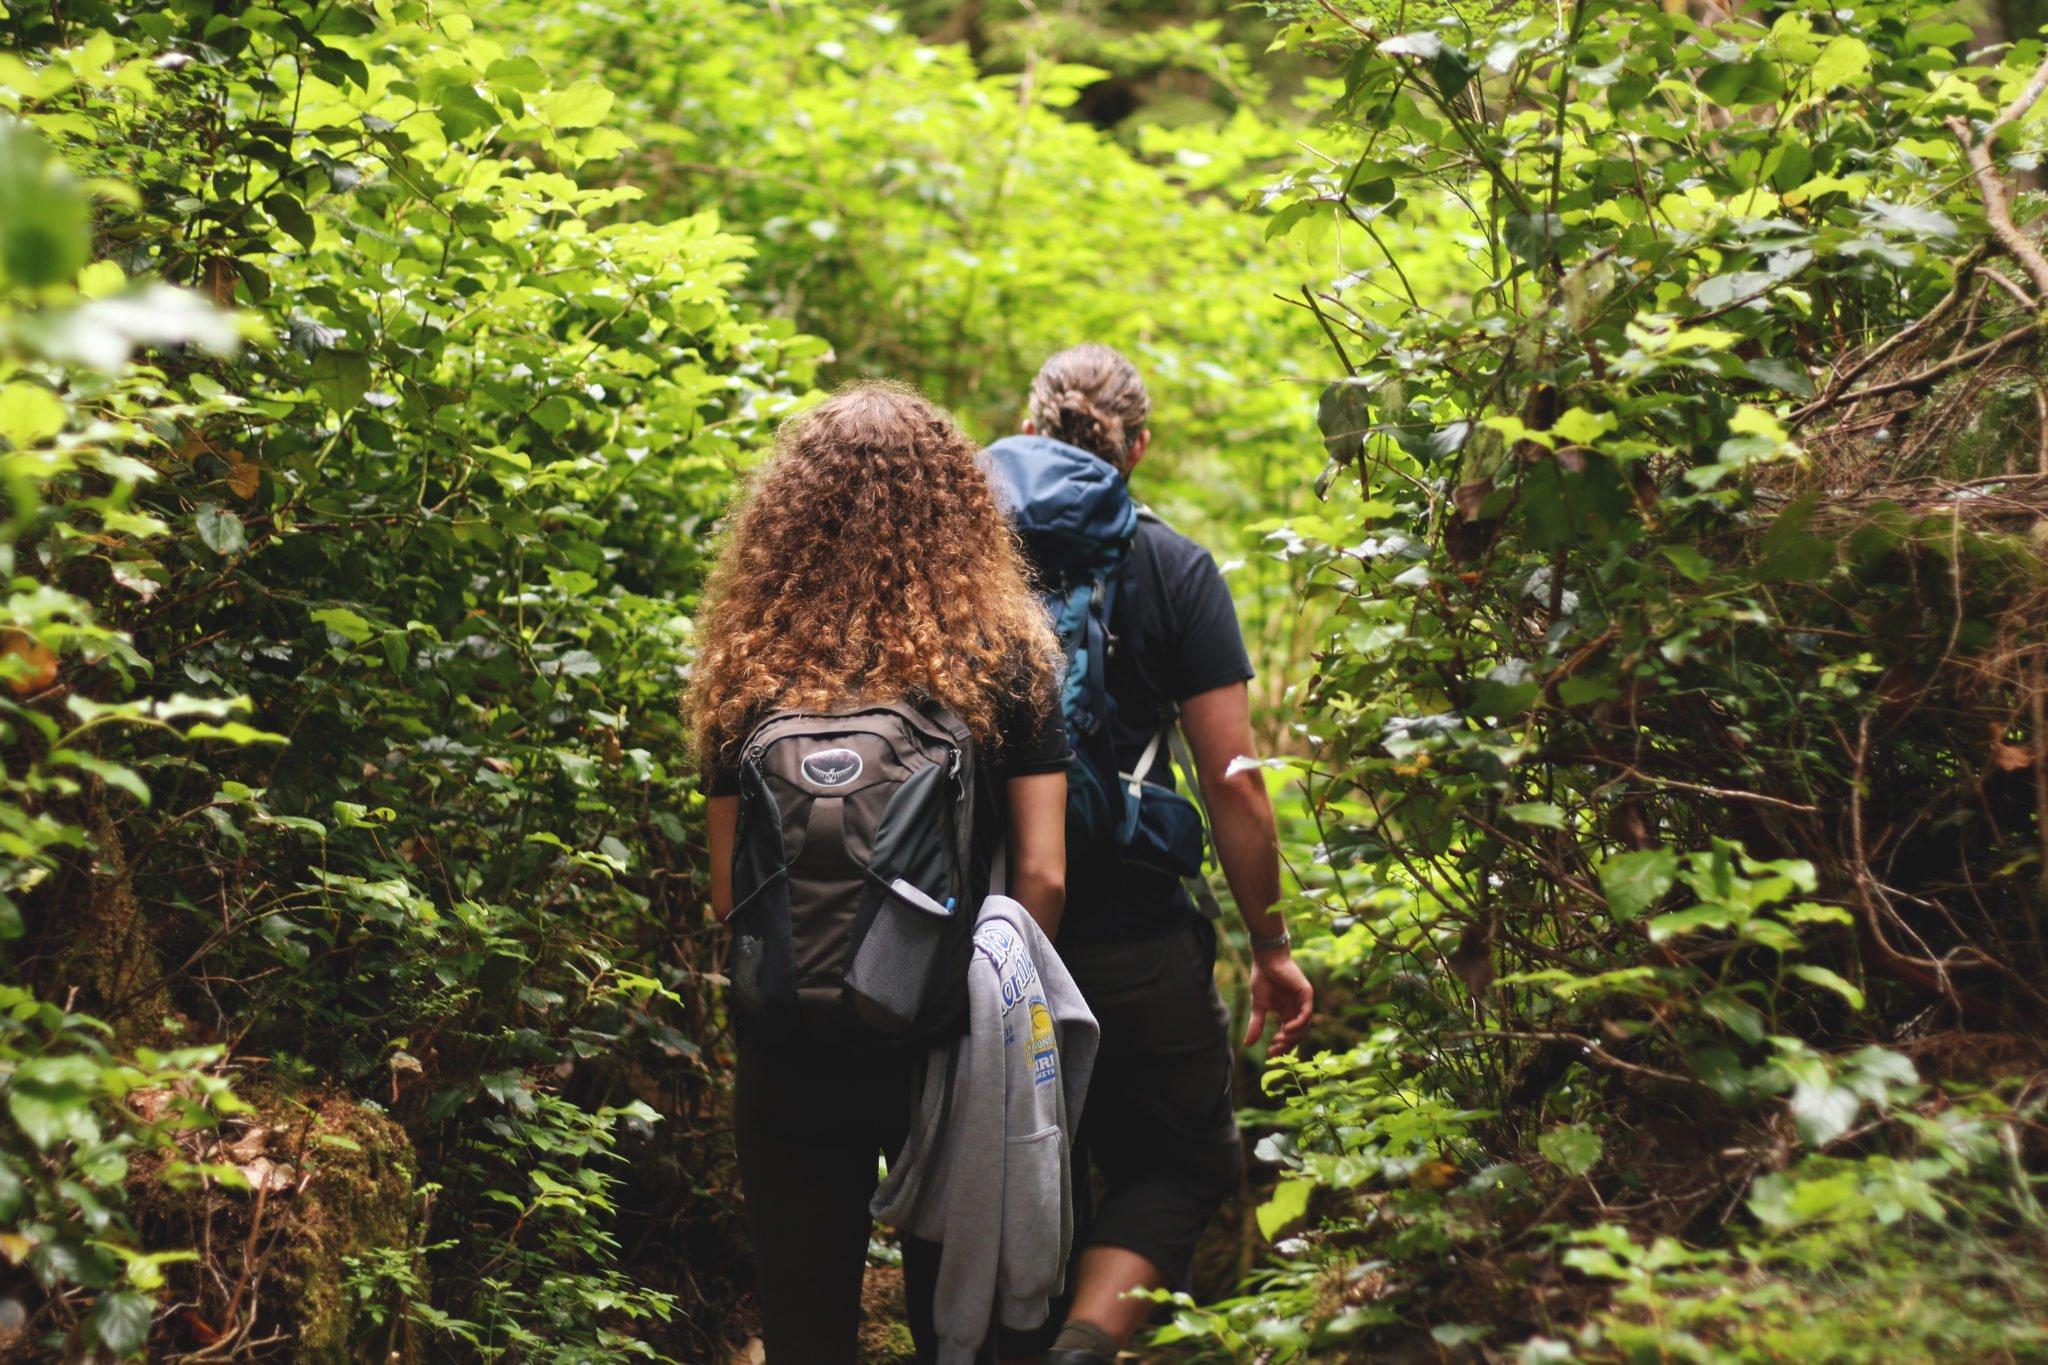 Hiking In Sooke, BC